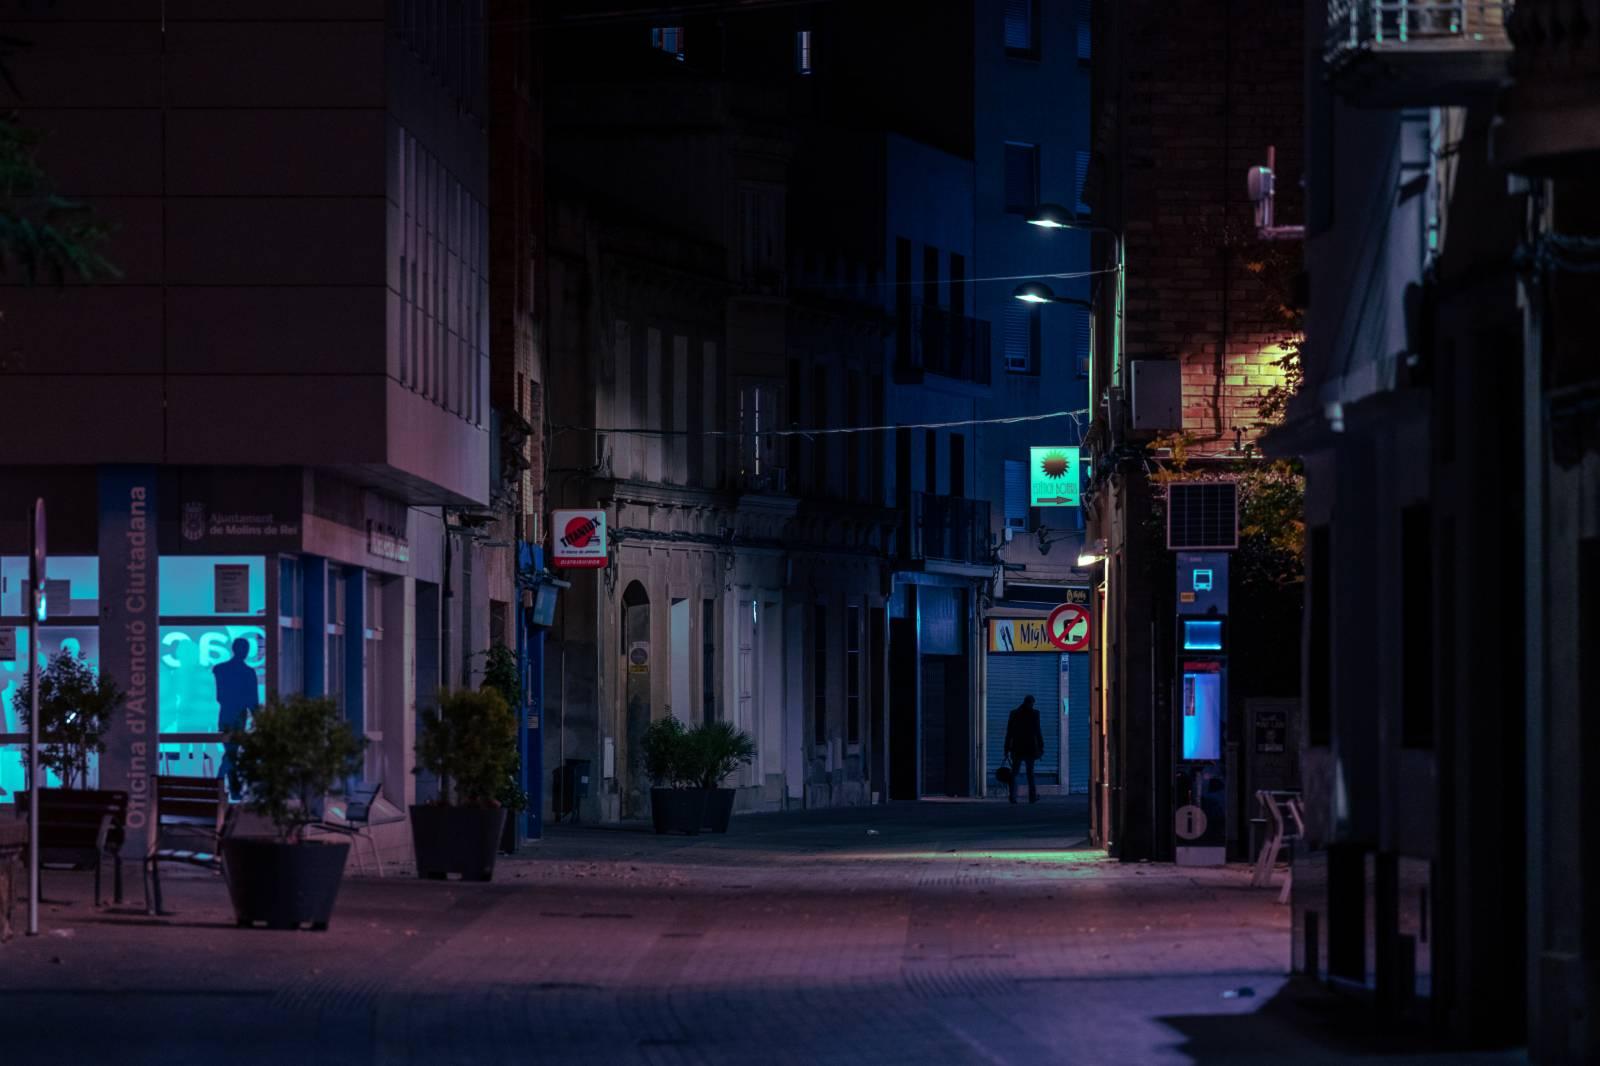 10月25日晚,一名男子走在西班牙莫林斯德雷的街道上。(新華社)